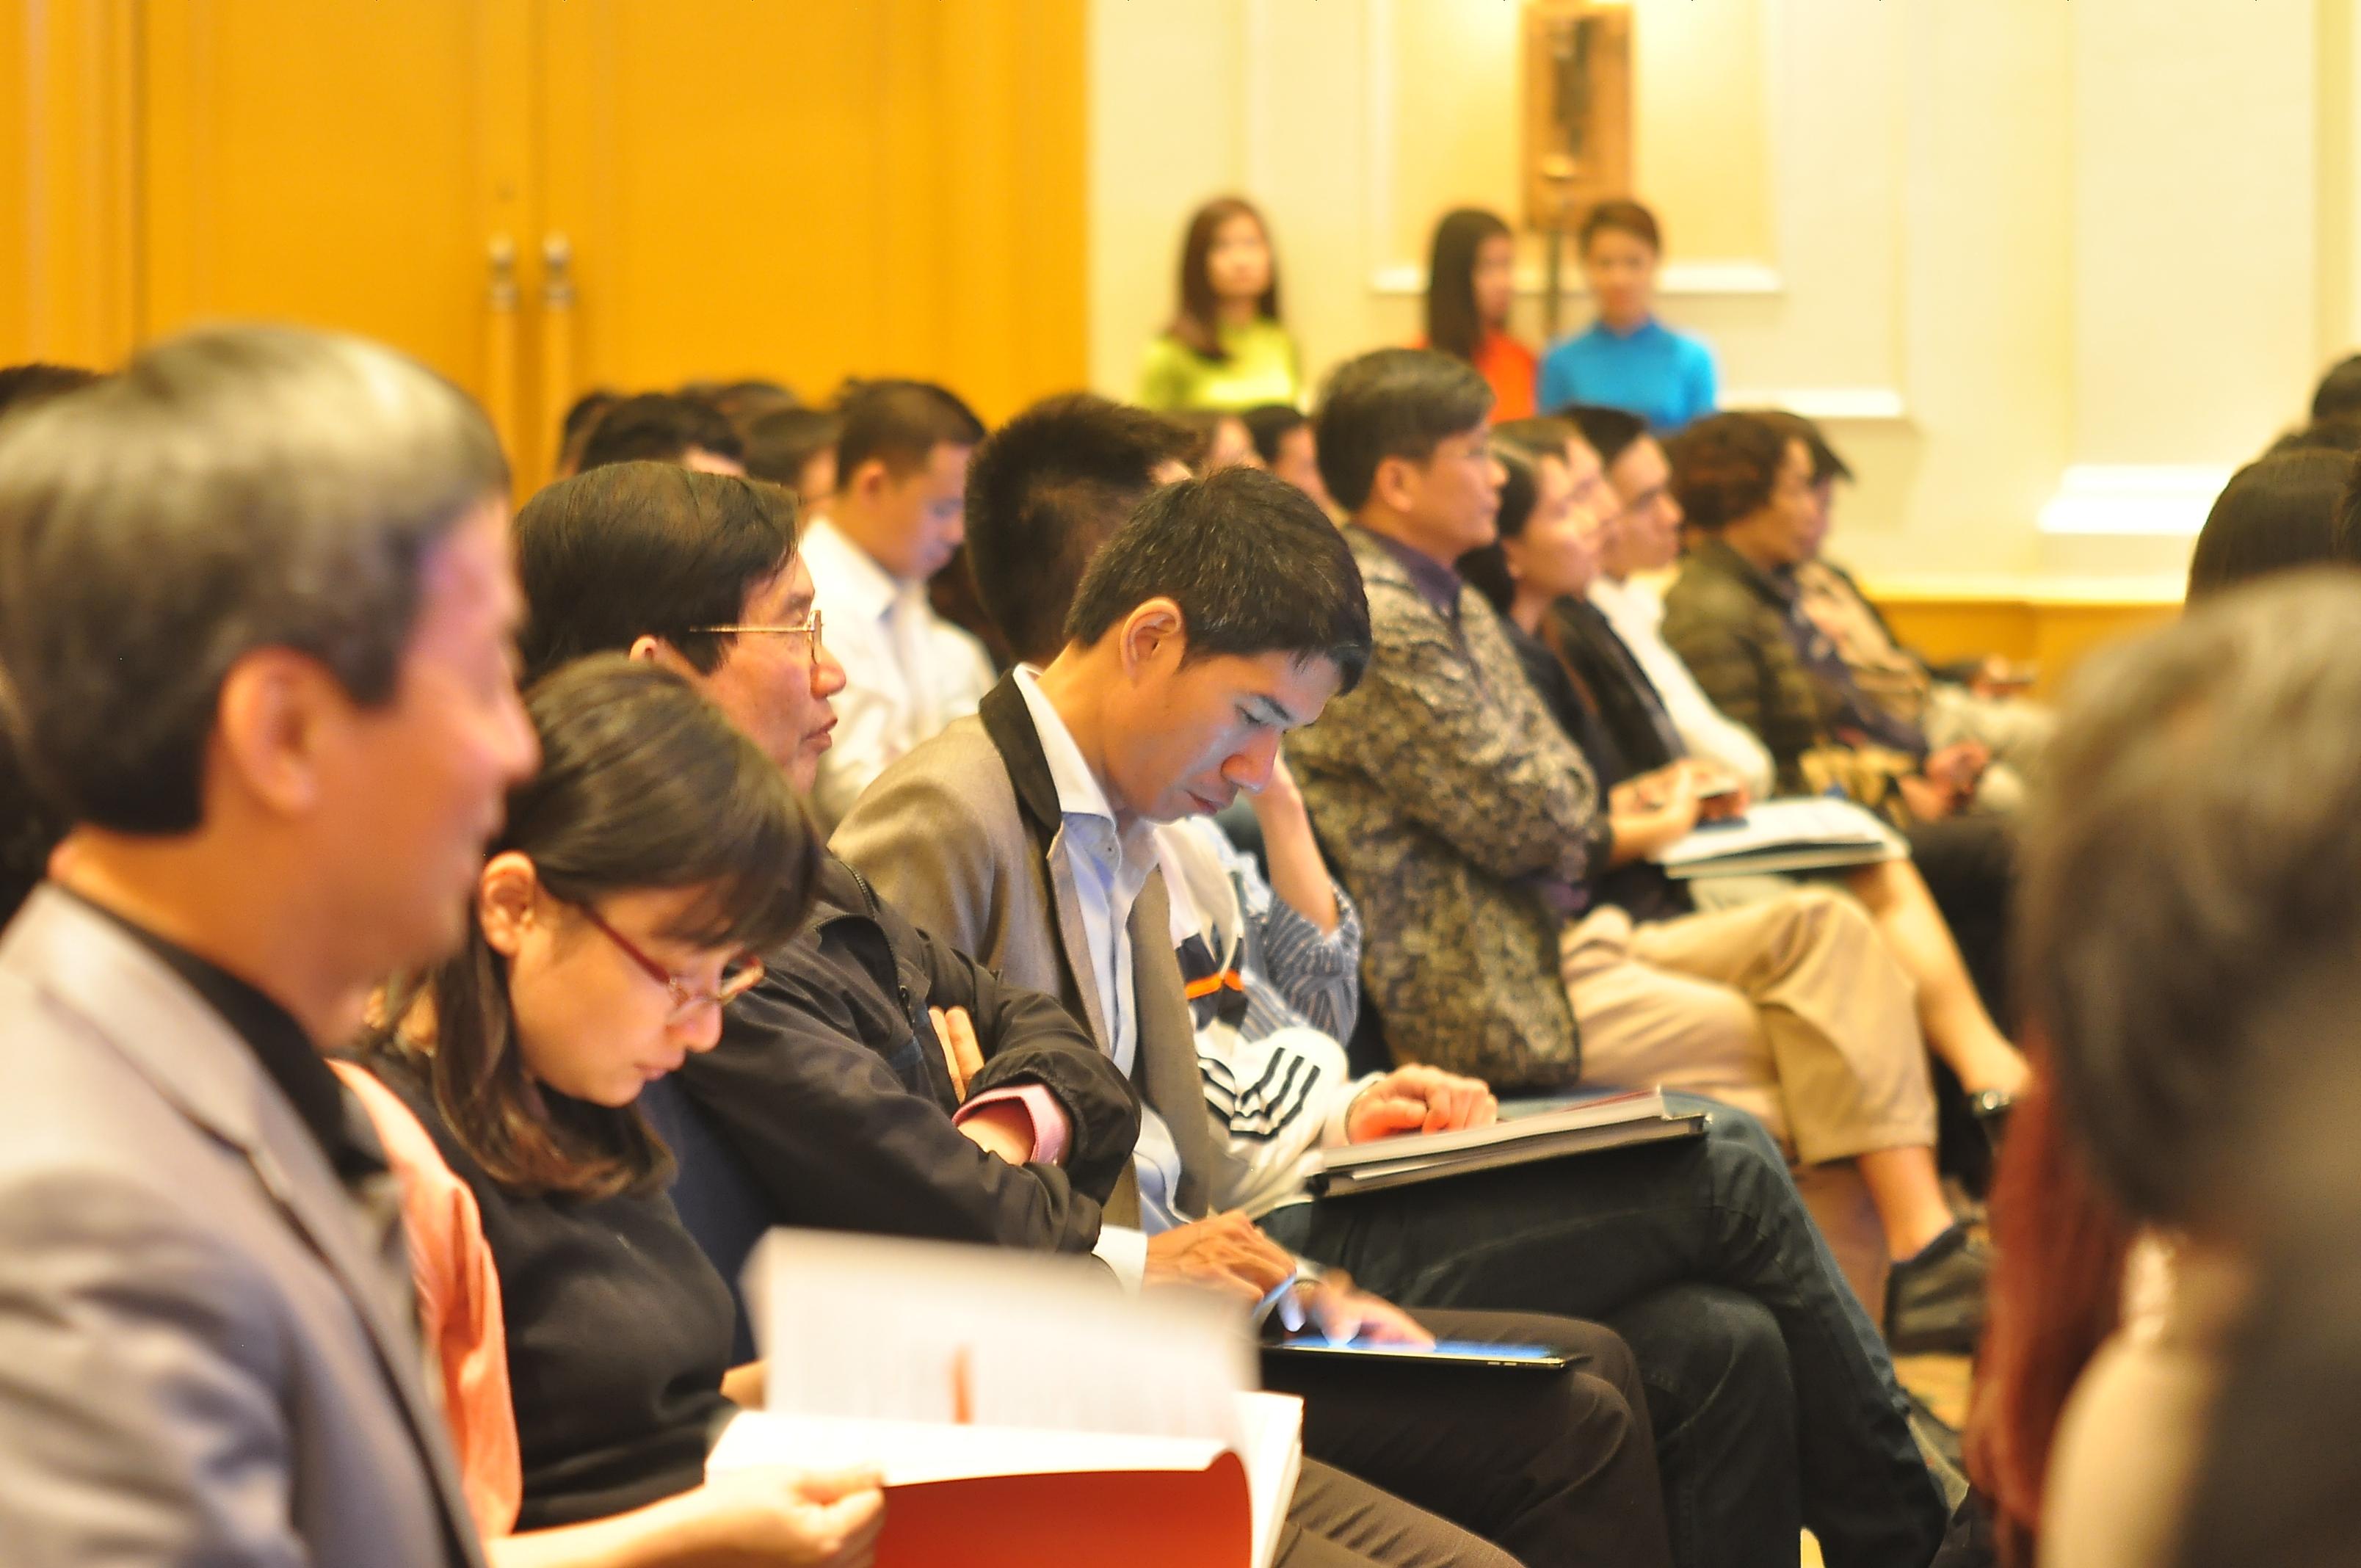 Vấn đề được nhiều cổ đông quan tâm tại chương trình năm nay là việc FPT sẽ giảm sở hữu tại mảng Phân phối và Bán lẻ để tập trung cho mảng Công nghệ và Viễn thông, sẽ tăng trưởng trong 3-5 năm tới. Hiện tại, FPT đã ký hợp động với hai đơn vị tư vấn là Công ty Nomura (Nhật Bản) và Chứng khoán Bản Việt để tiến hành tư vấn nhằm mang lại lợi ích cao nhất cho cổ đông.